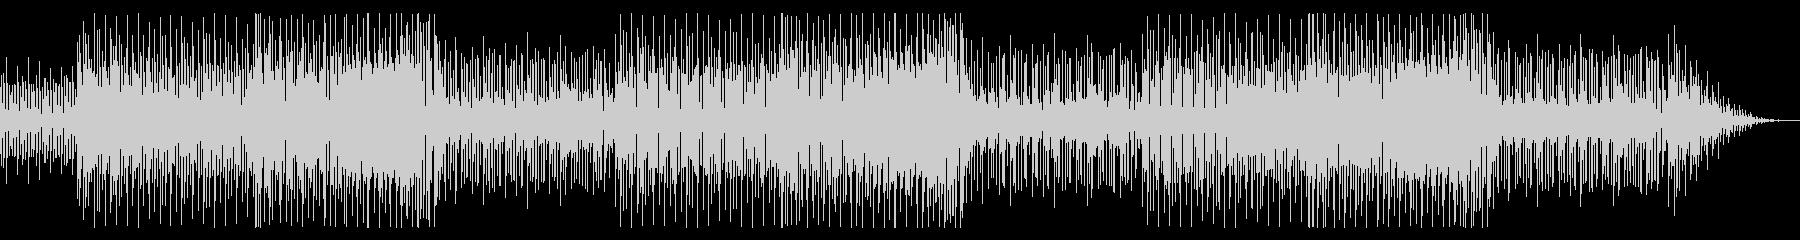 軽快なピアノ 爽やかなBGMの未再生の波形